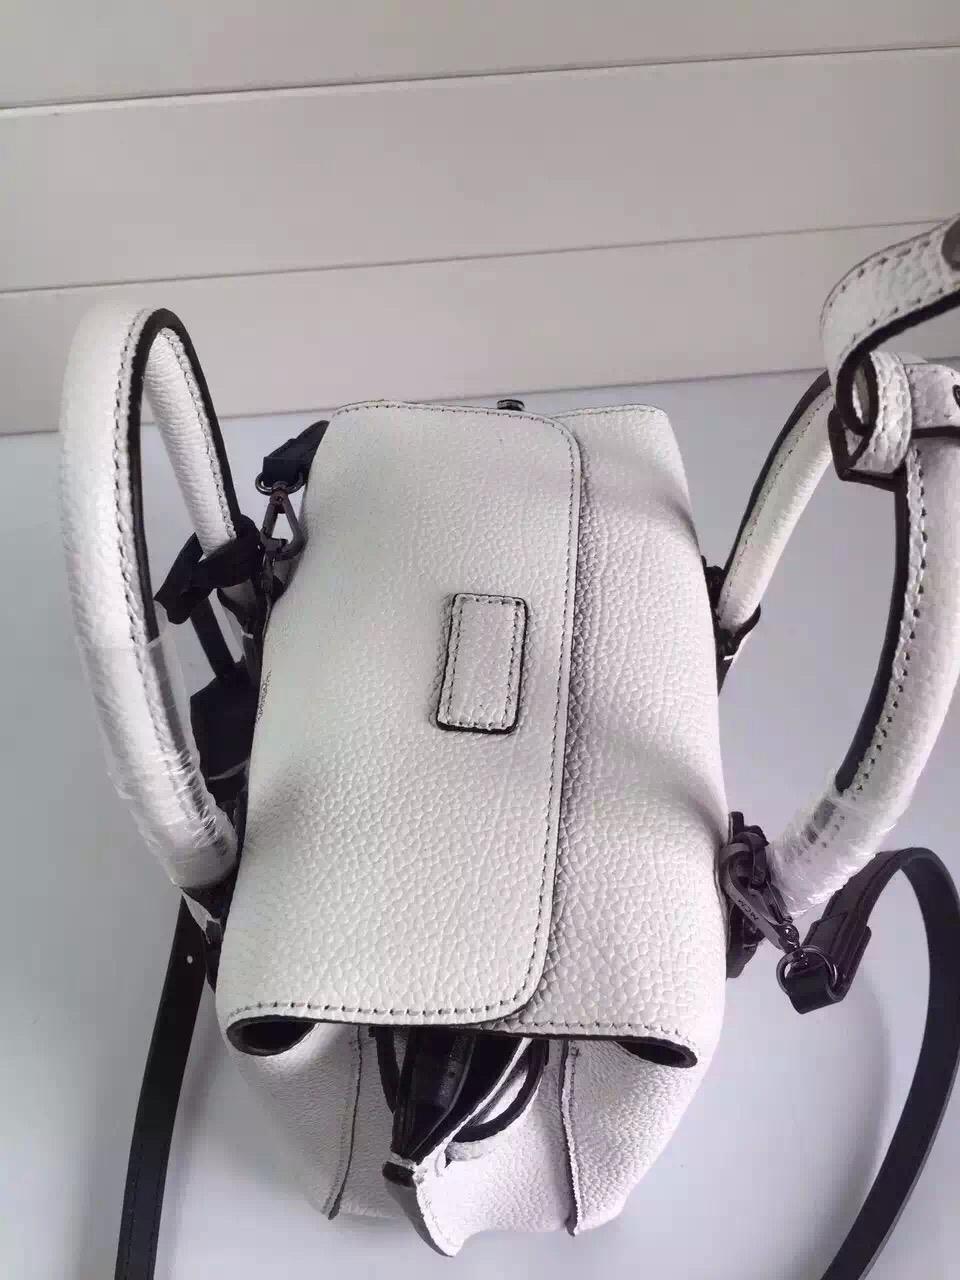 MCM新款单肩包 精致时尚 MCM双肩包女包官网 一件代发